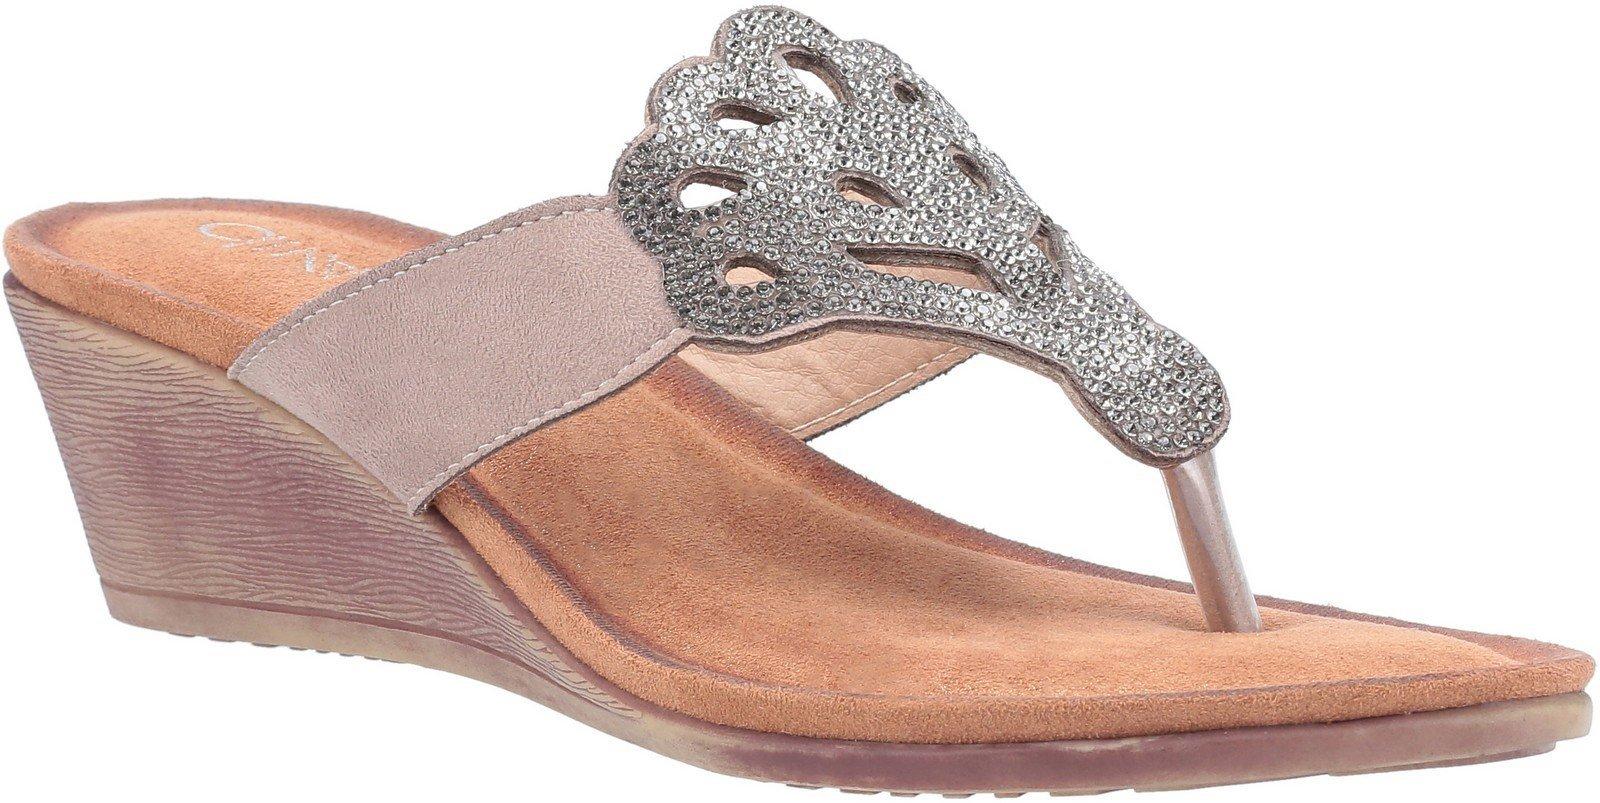 Divaz Women's Felicity Toe Post Sandal Various Colours 30123 - Grey 3